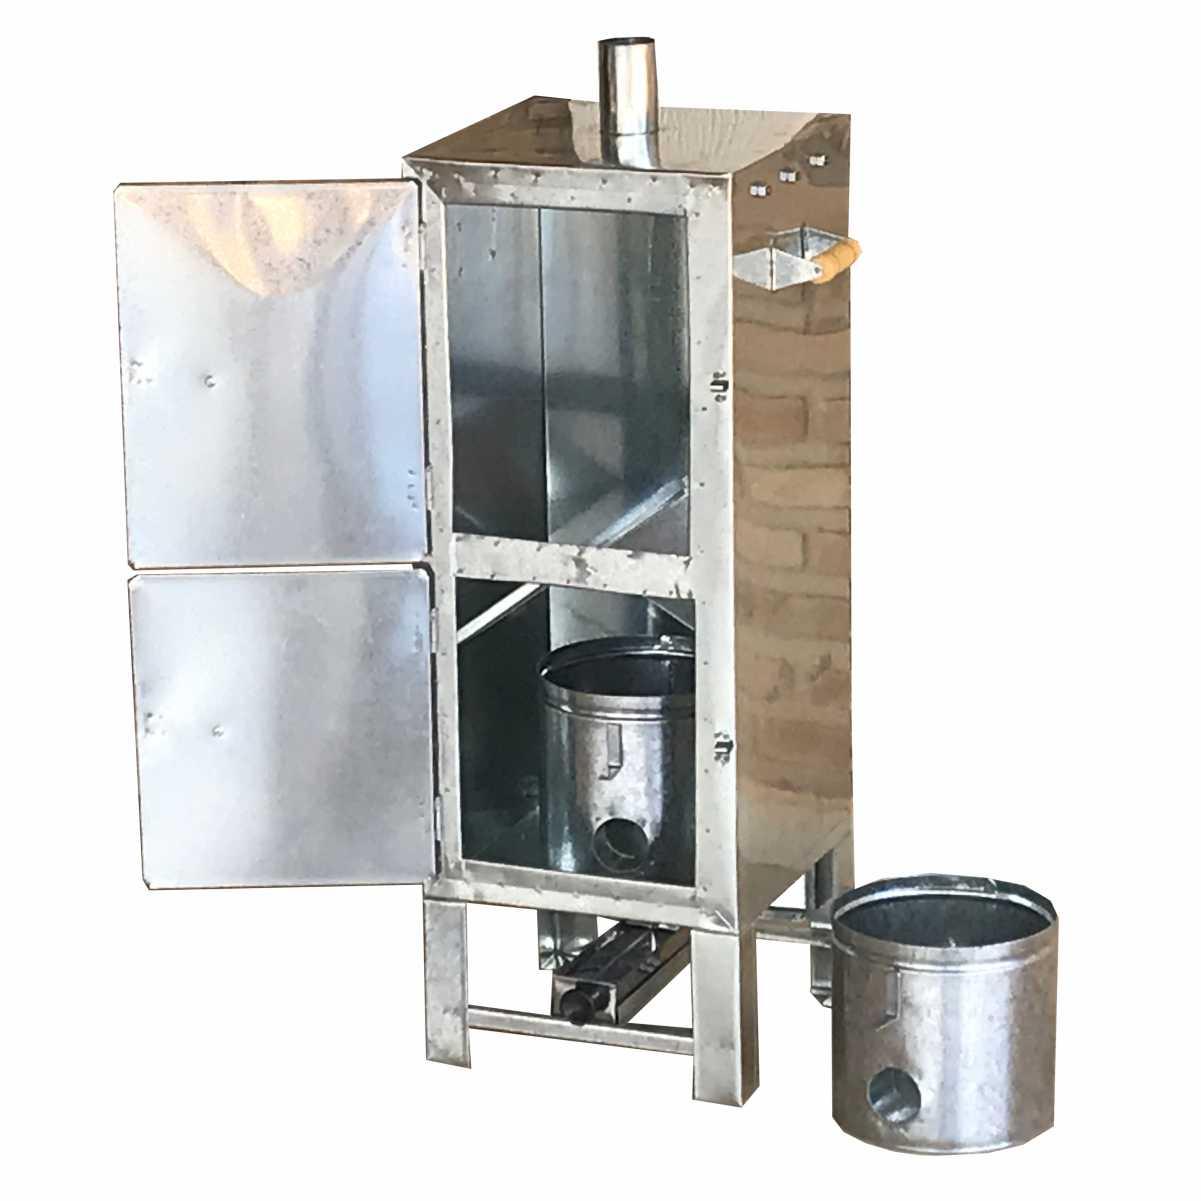 Defumador Caseiro Para Alimentos Galvanizado Tamanho 80x30x30 Com 2 Balde Para Serragem